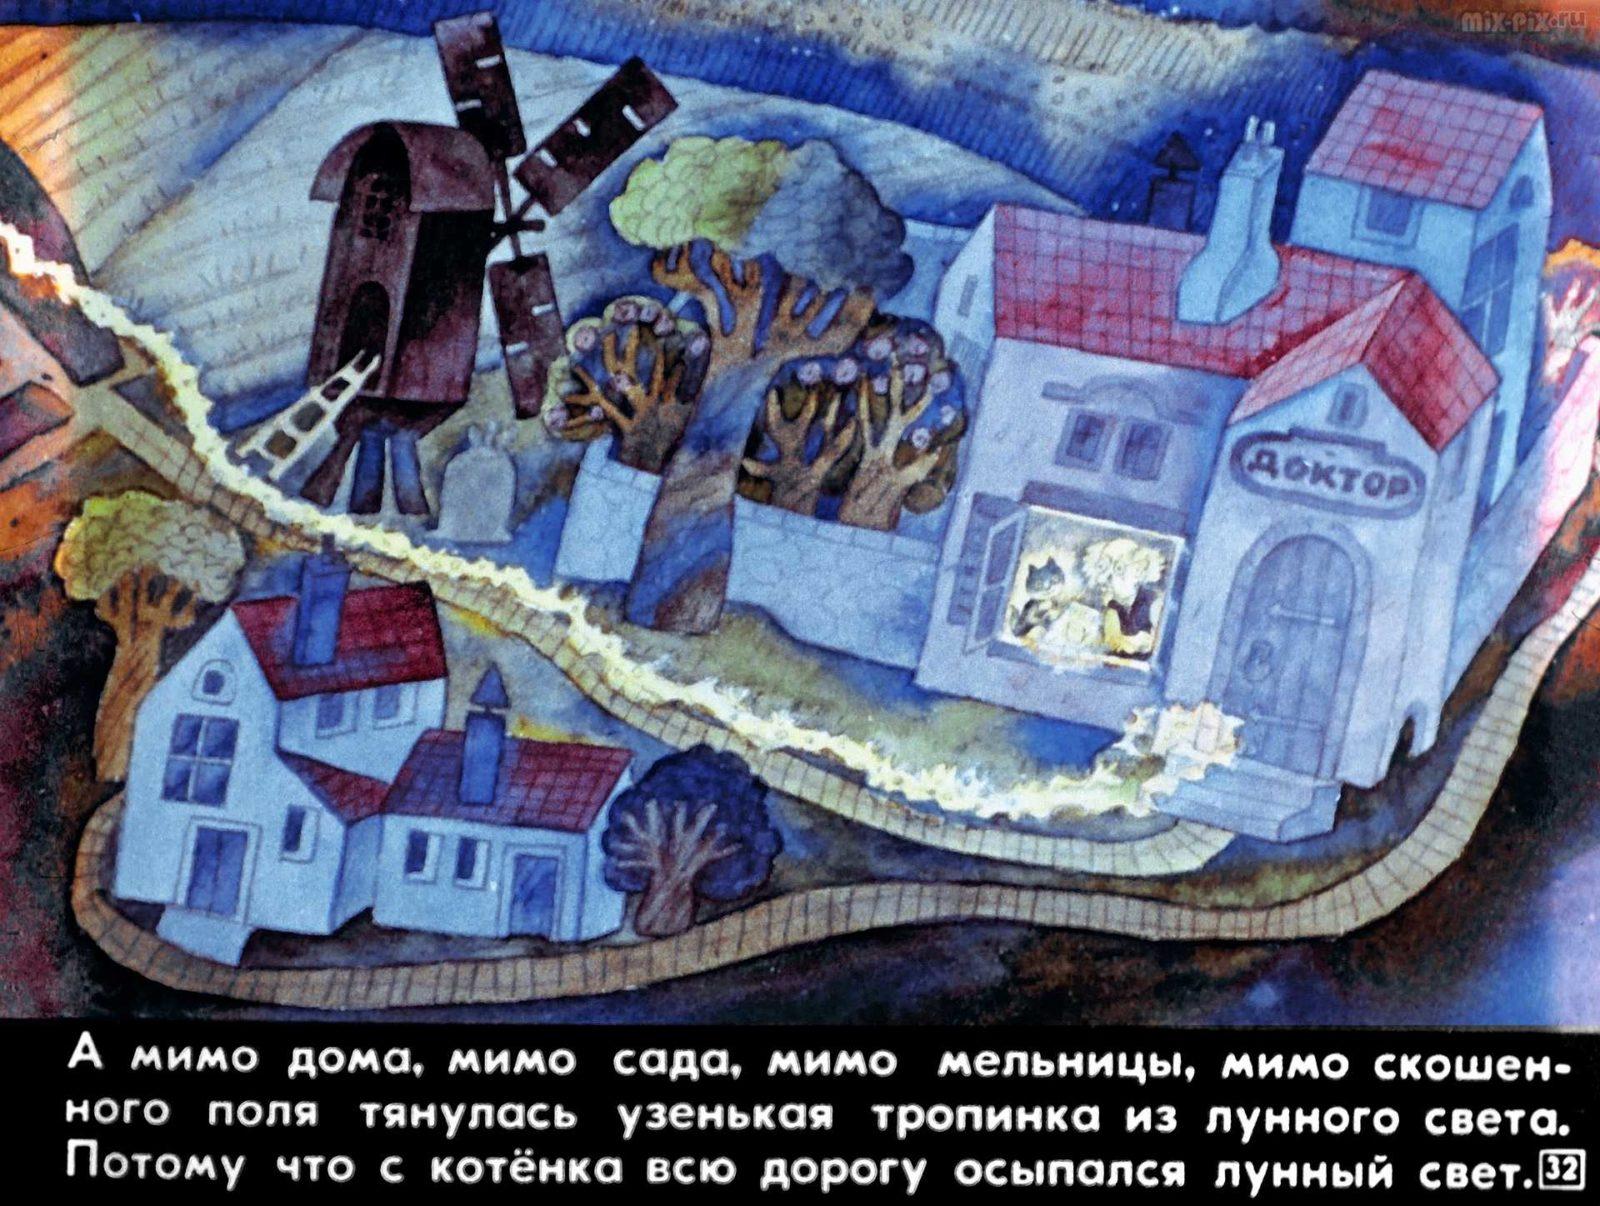 Сказка про лунный свет (1991) 45